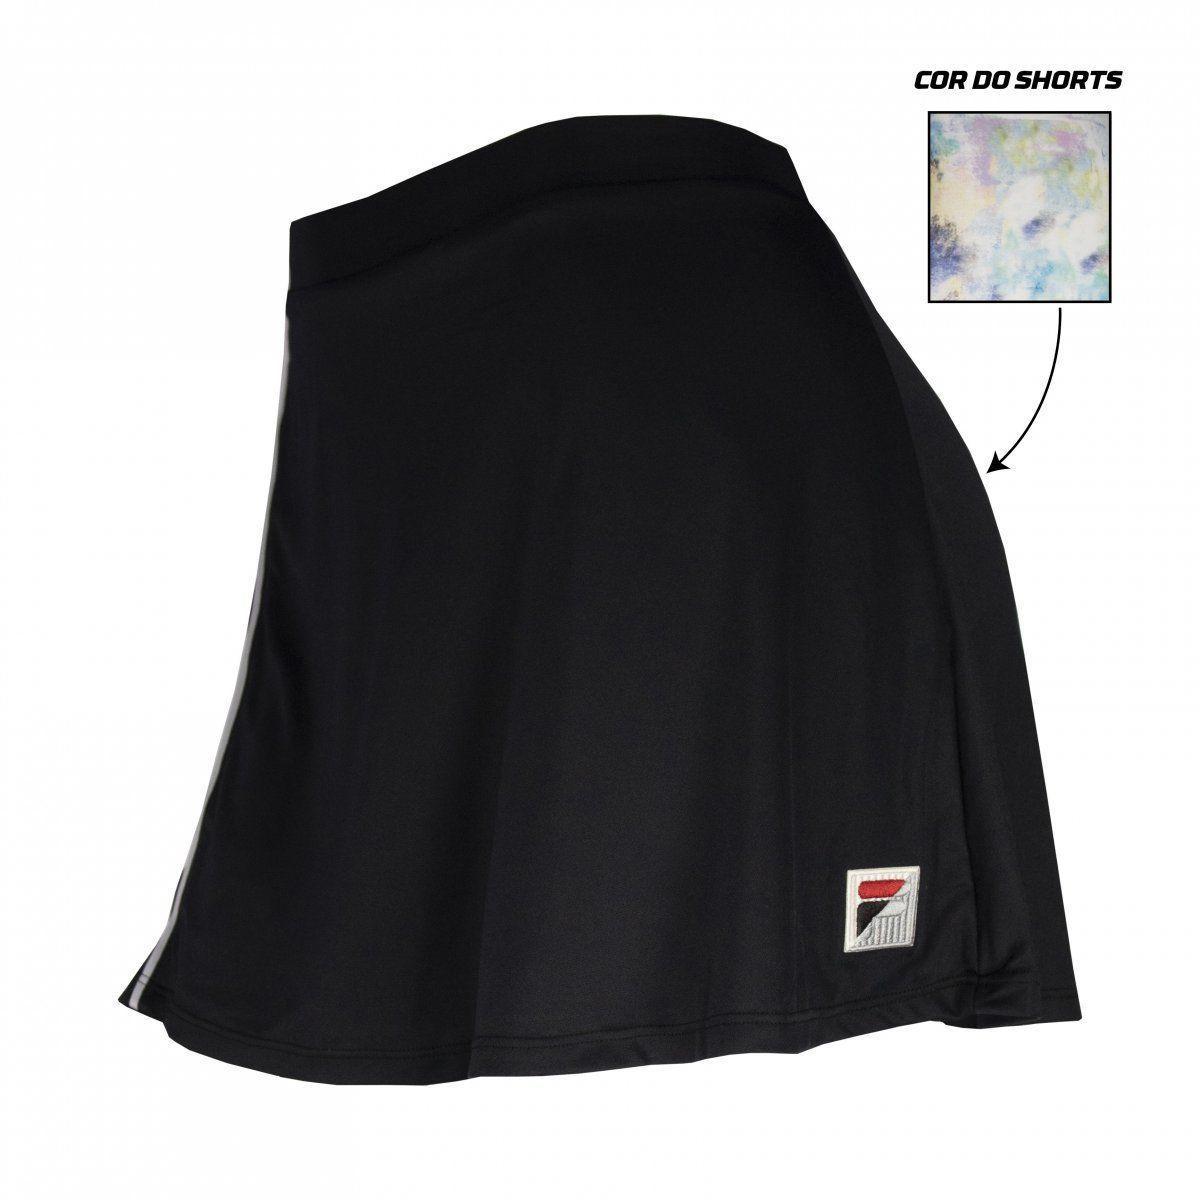 Shorts Saia Fila Aus 21 Preto